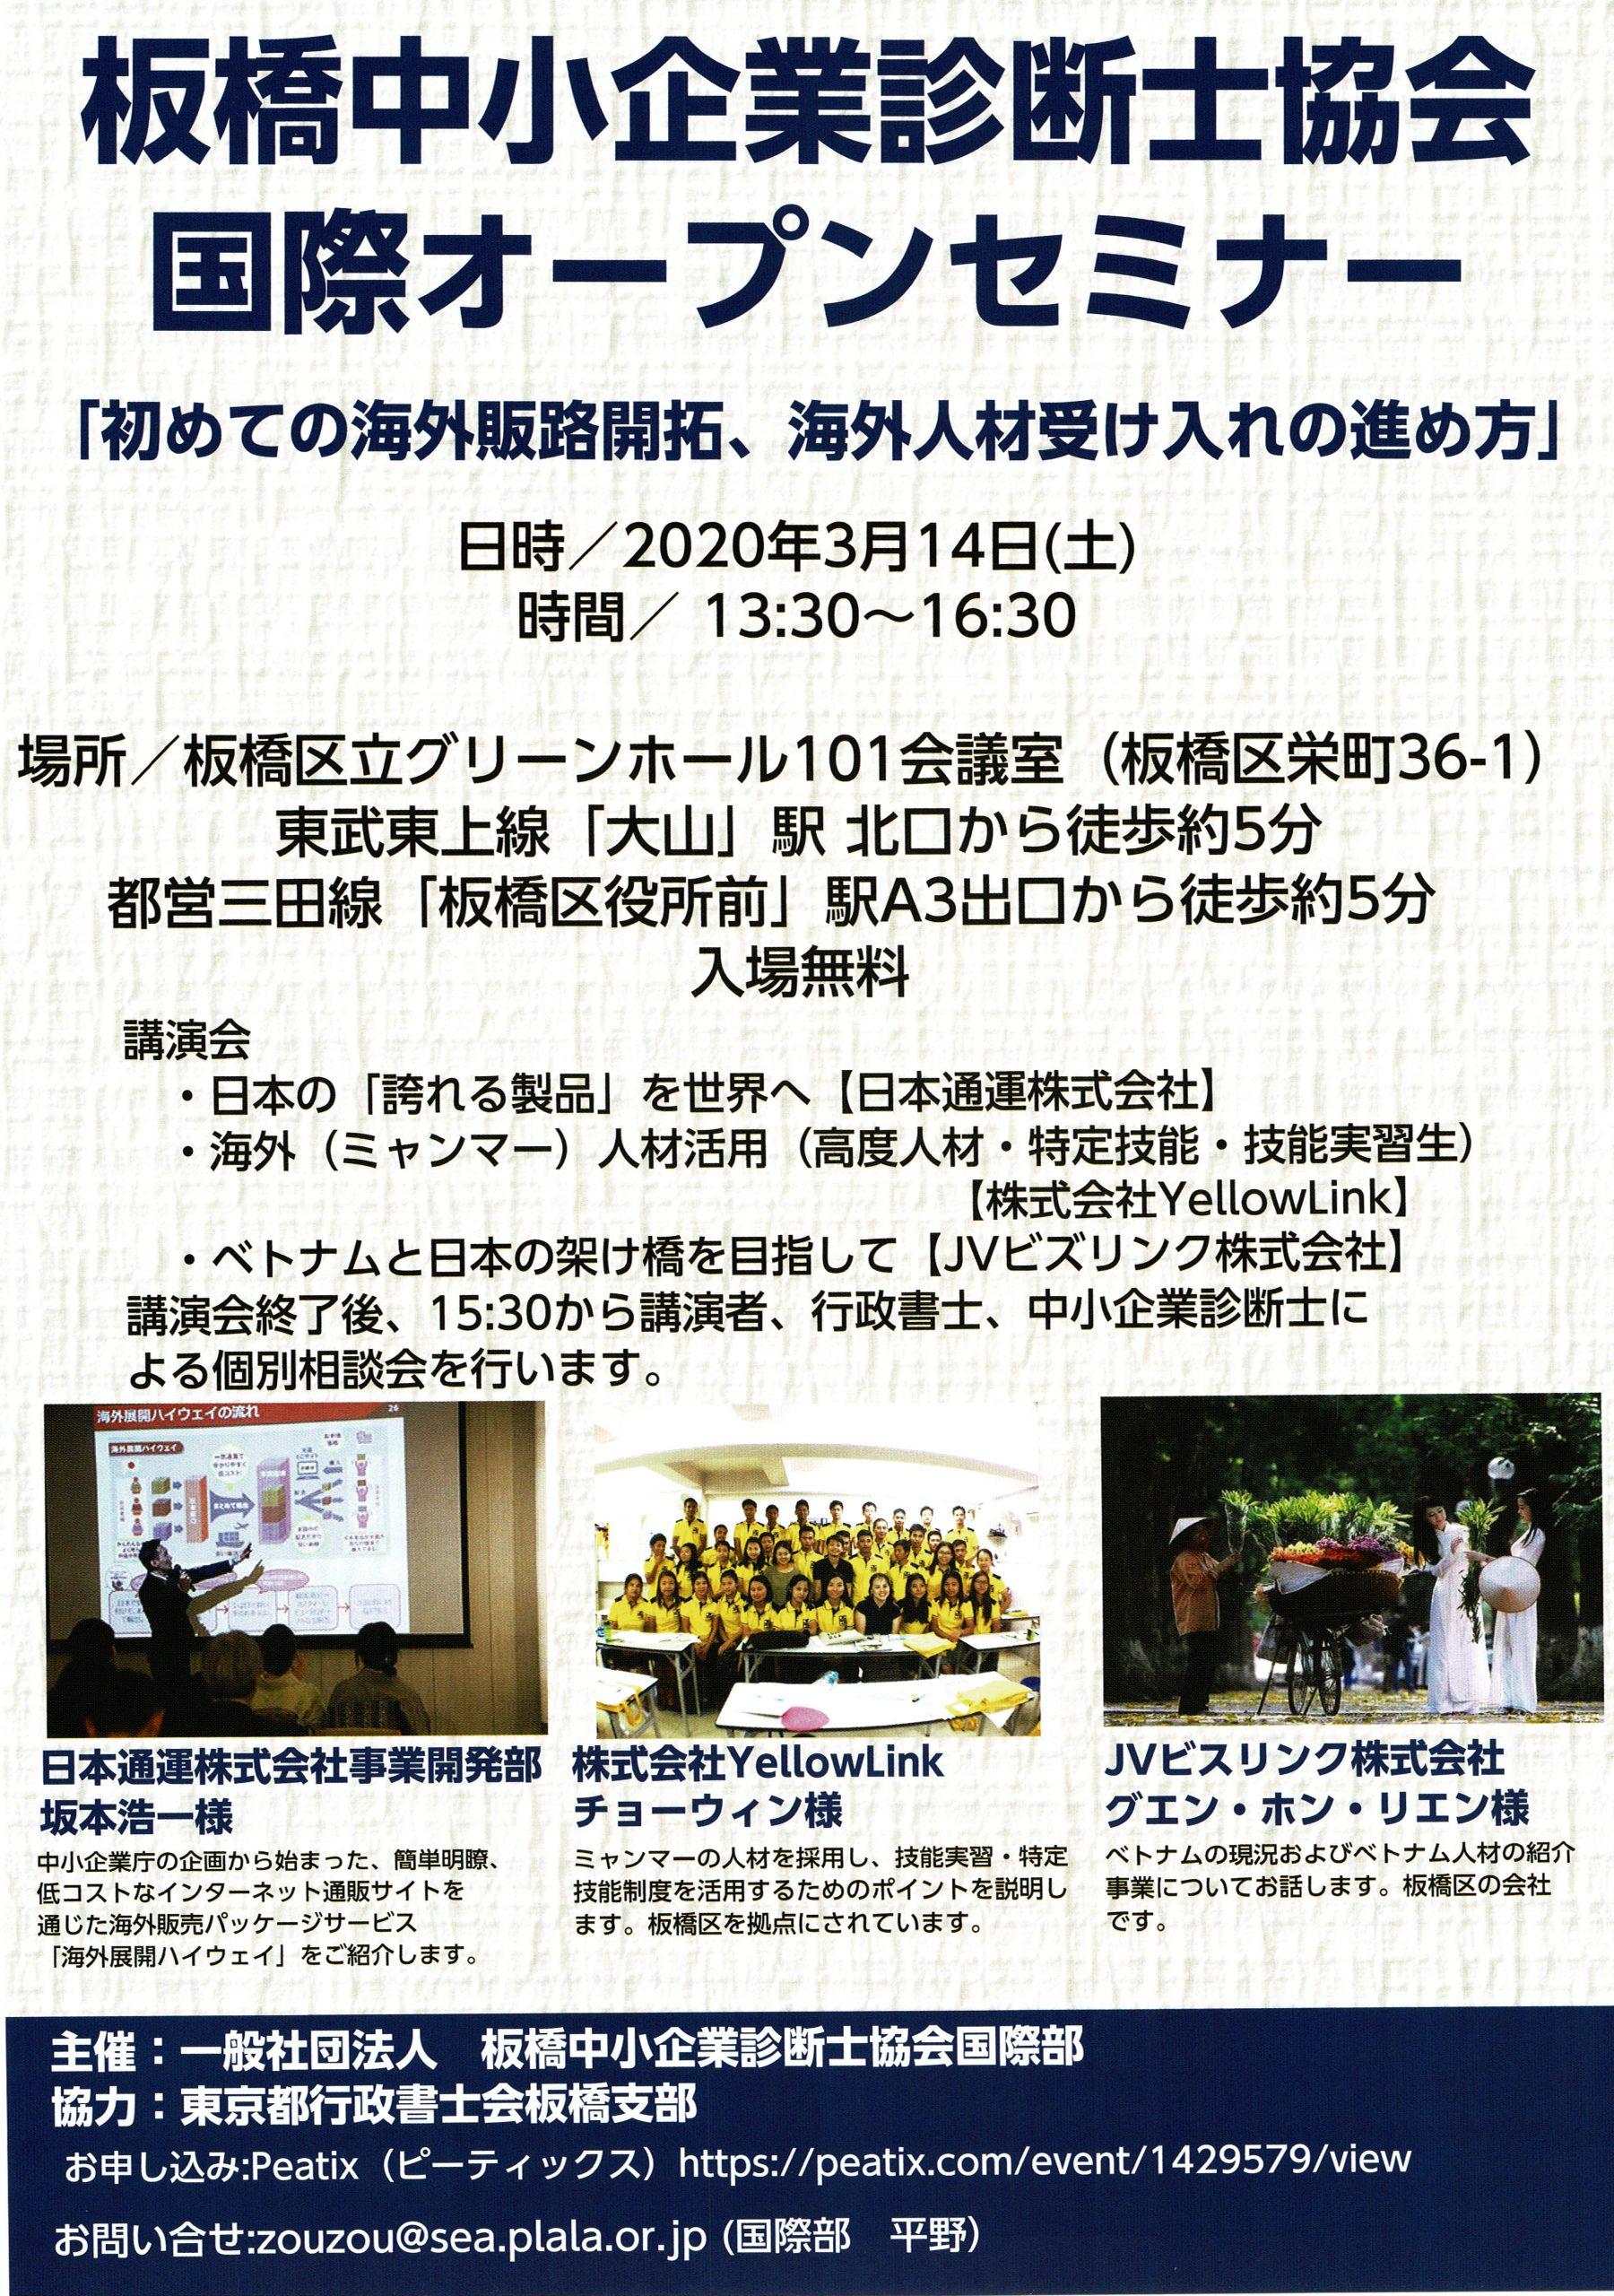 【YellowLinkミャンマー送り出し機関】板橋区中小企業診断士協会国際オープンセミナー